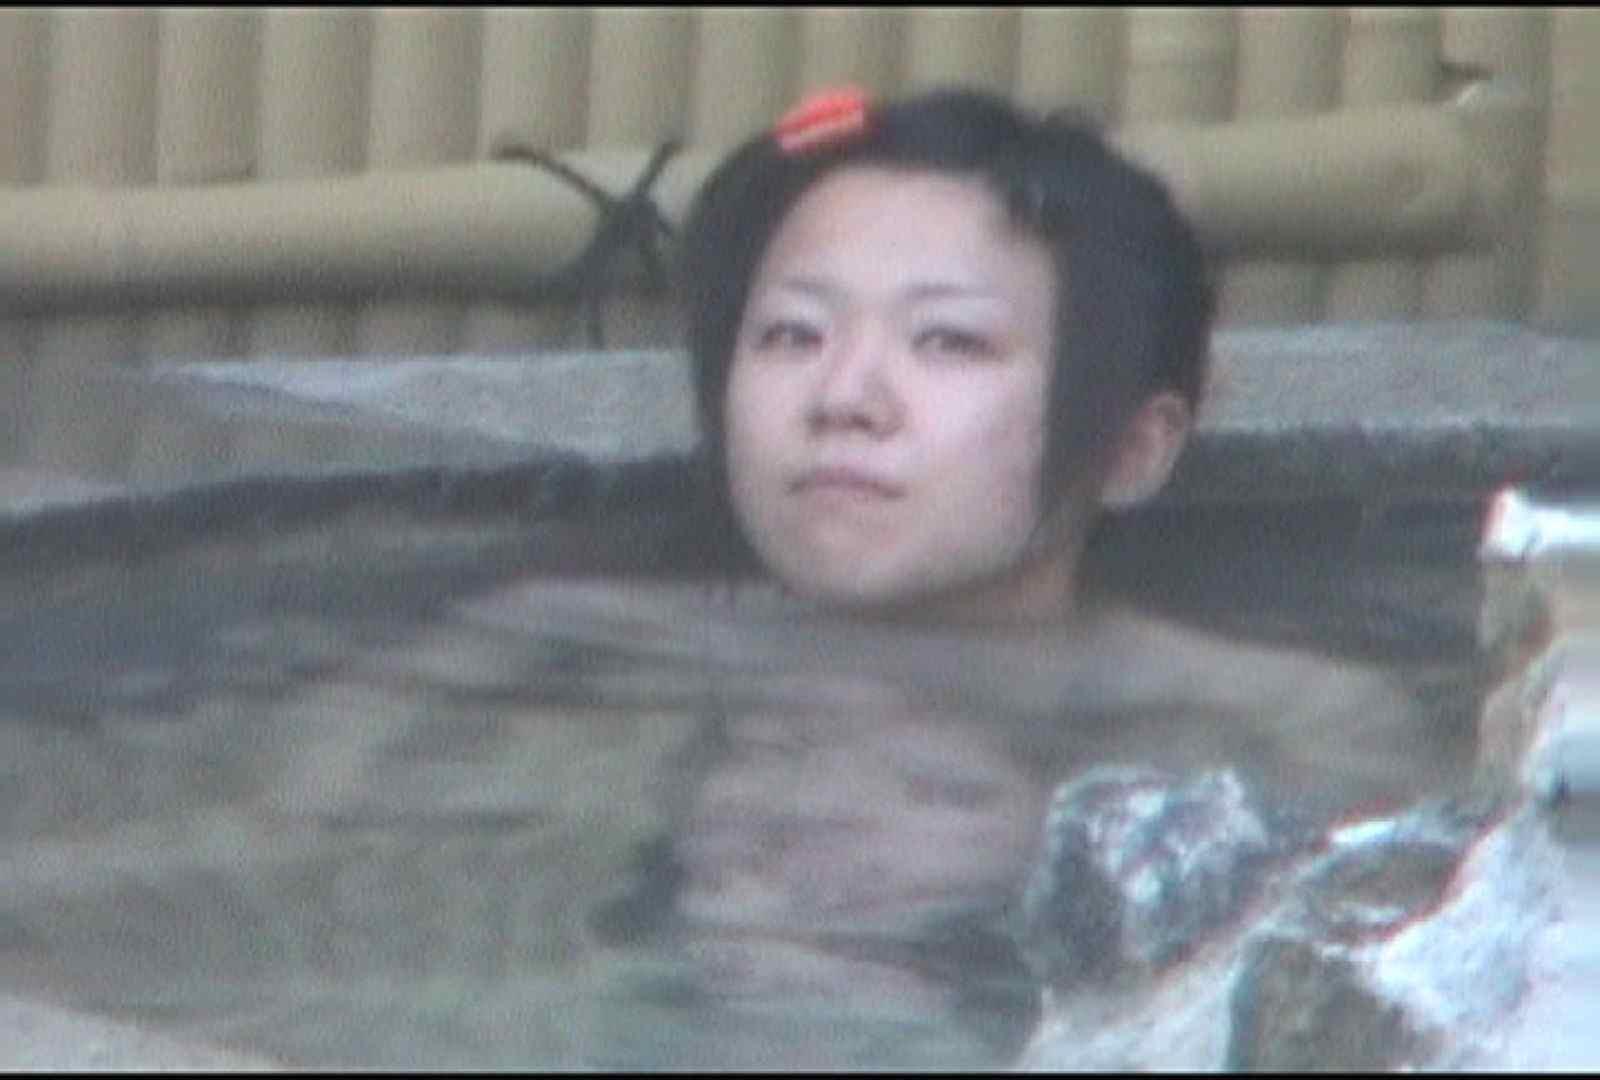 Aquaな露天風呂Vol.175 OLセックス 盗み撮りAV無料動画キャプチャ 77画像 53